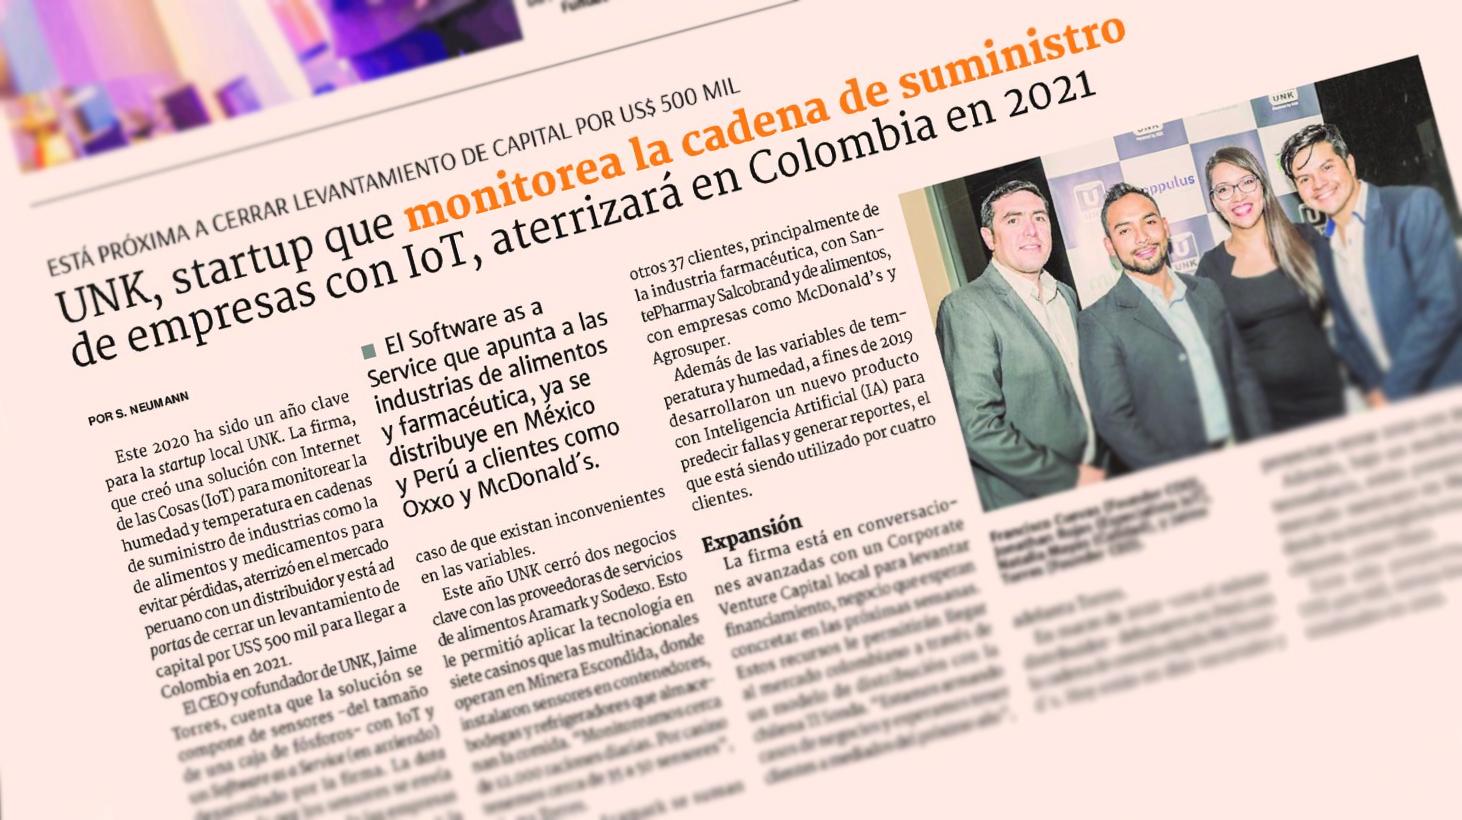 UNK, startup que monitorea la cadena de suministro de empresas con IoT, aterrizará en Colombia en 2021.